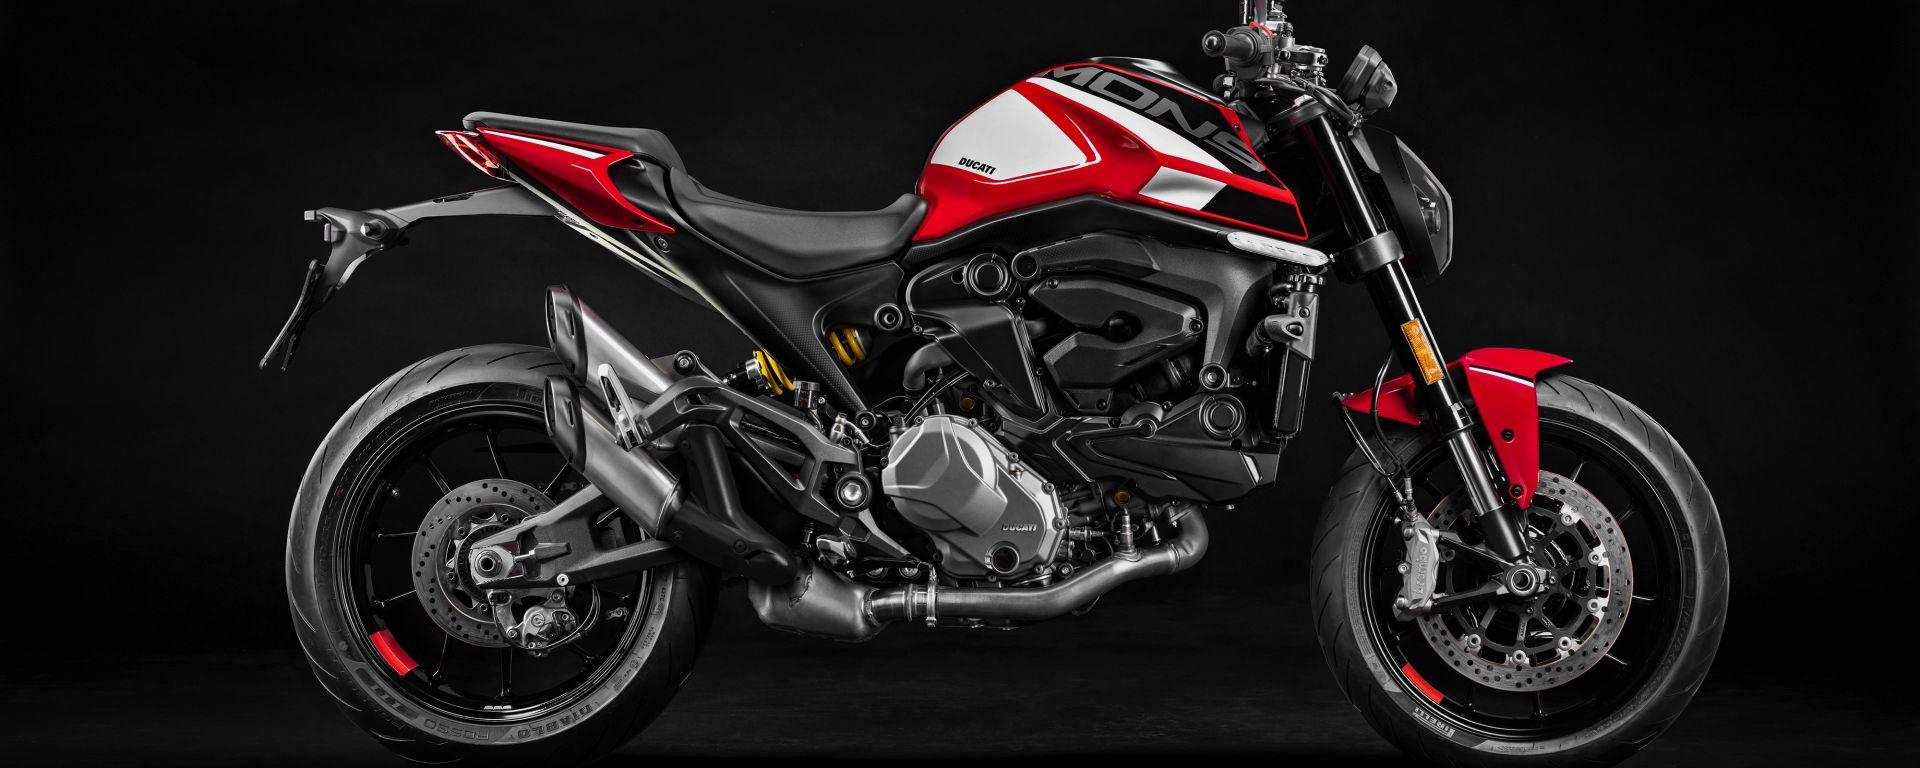 Ducati Monster: accessori e kit adesivi per personalizzarlo